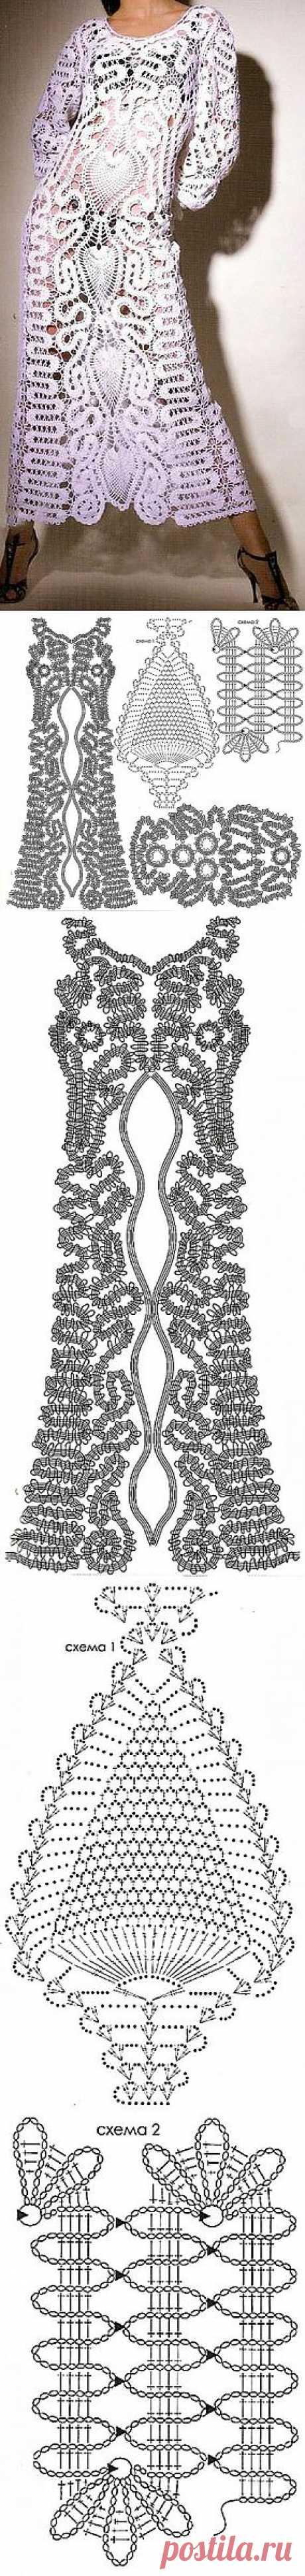 Платье связанное в технике брюггского кружева.